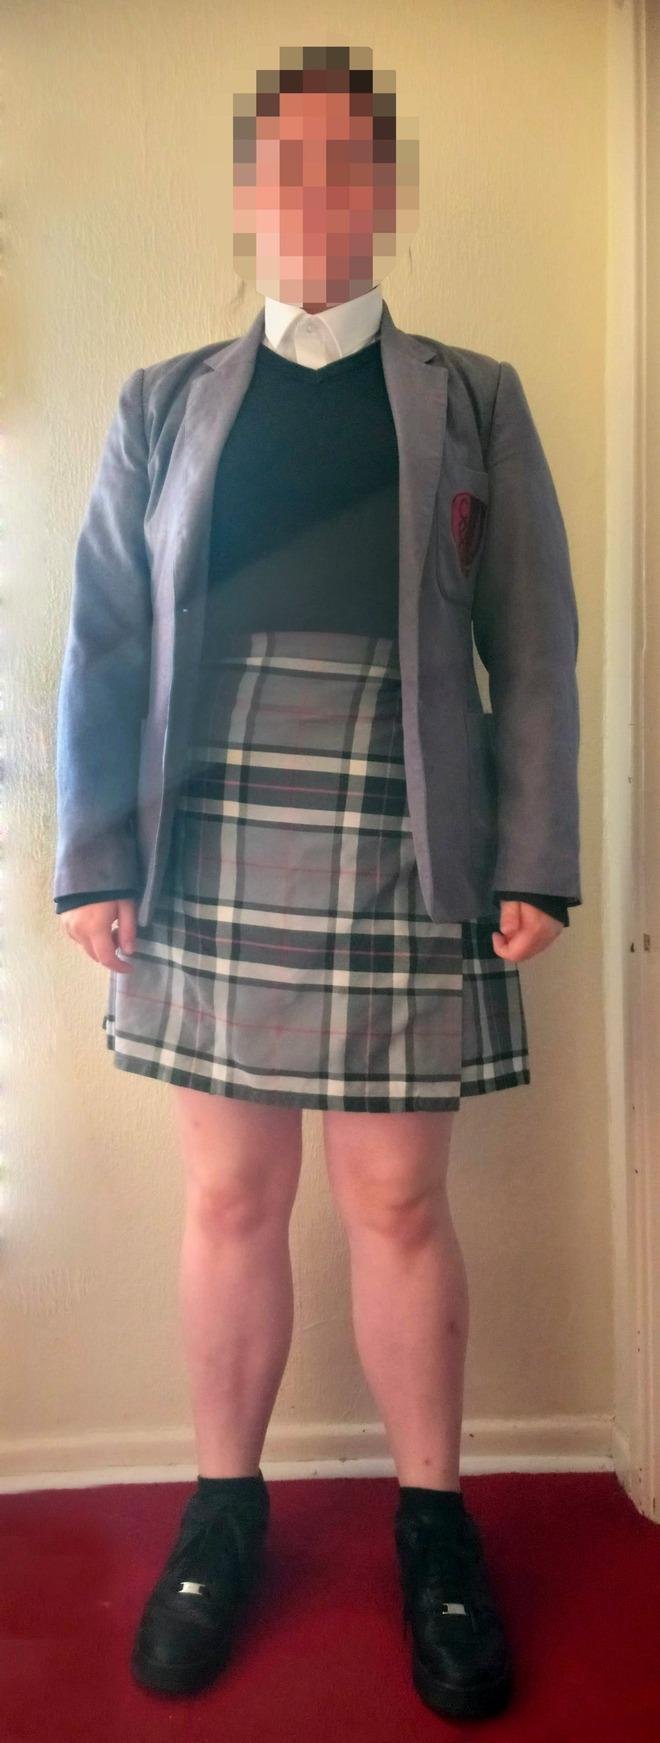 Con gái bị kiểm tra đồng phục ở trường rồi bị đuổi về nhà, lý do khiến phụ huynh phẫn nộ - Ảnh 2.